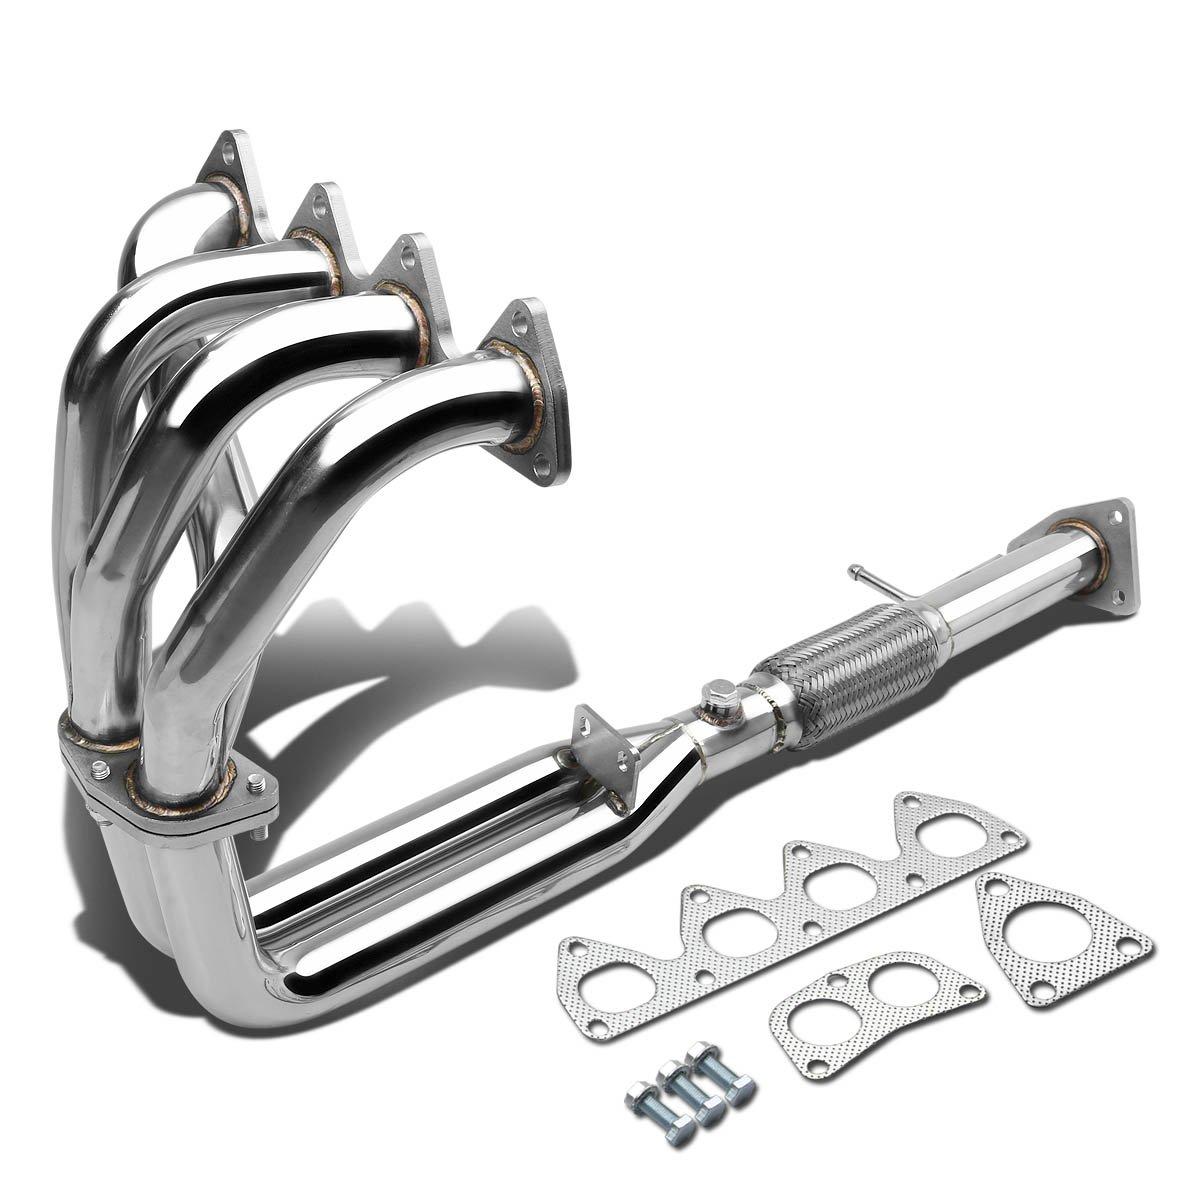 For Honda Prelude 4-2-1 Design Stainless Steel Exhaust Header Kit - H22